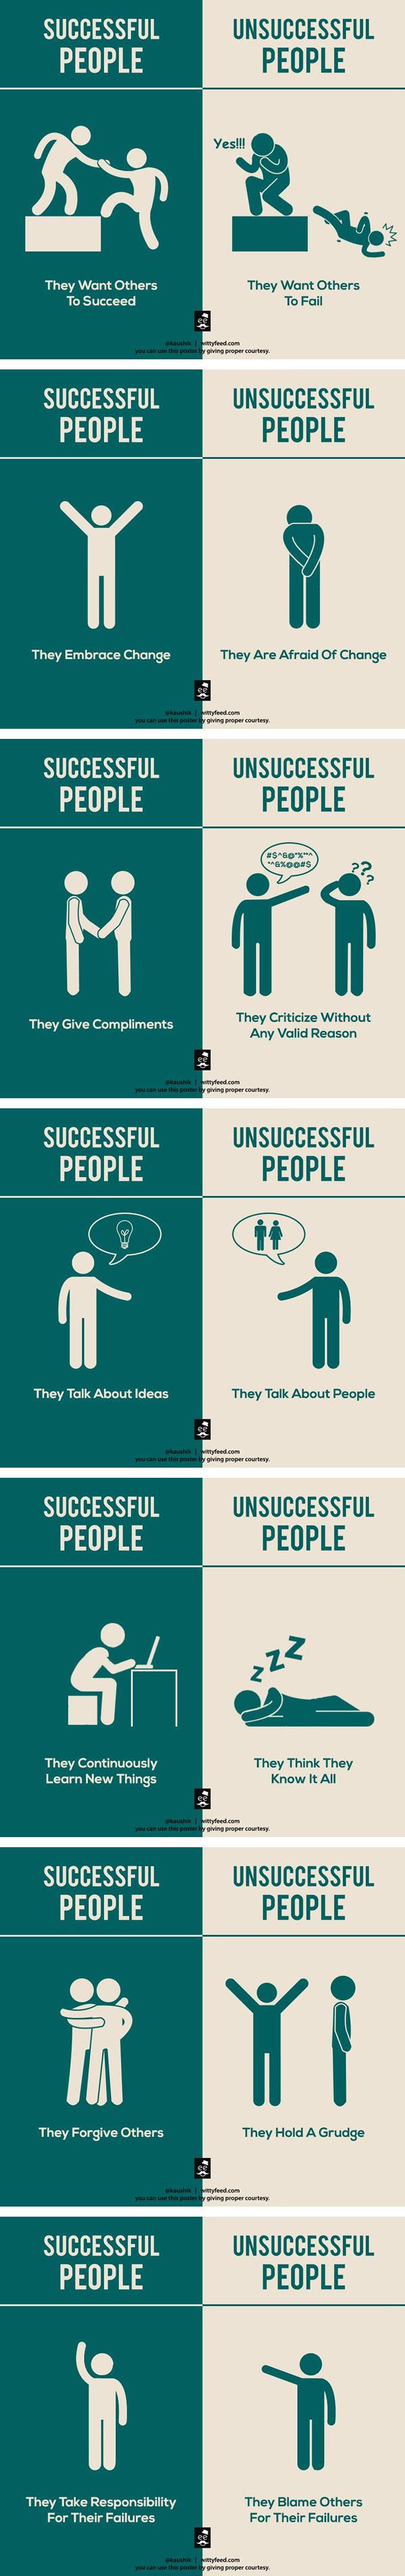 successful-people-vs-unsuccessful-people